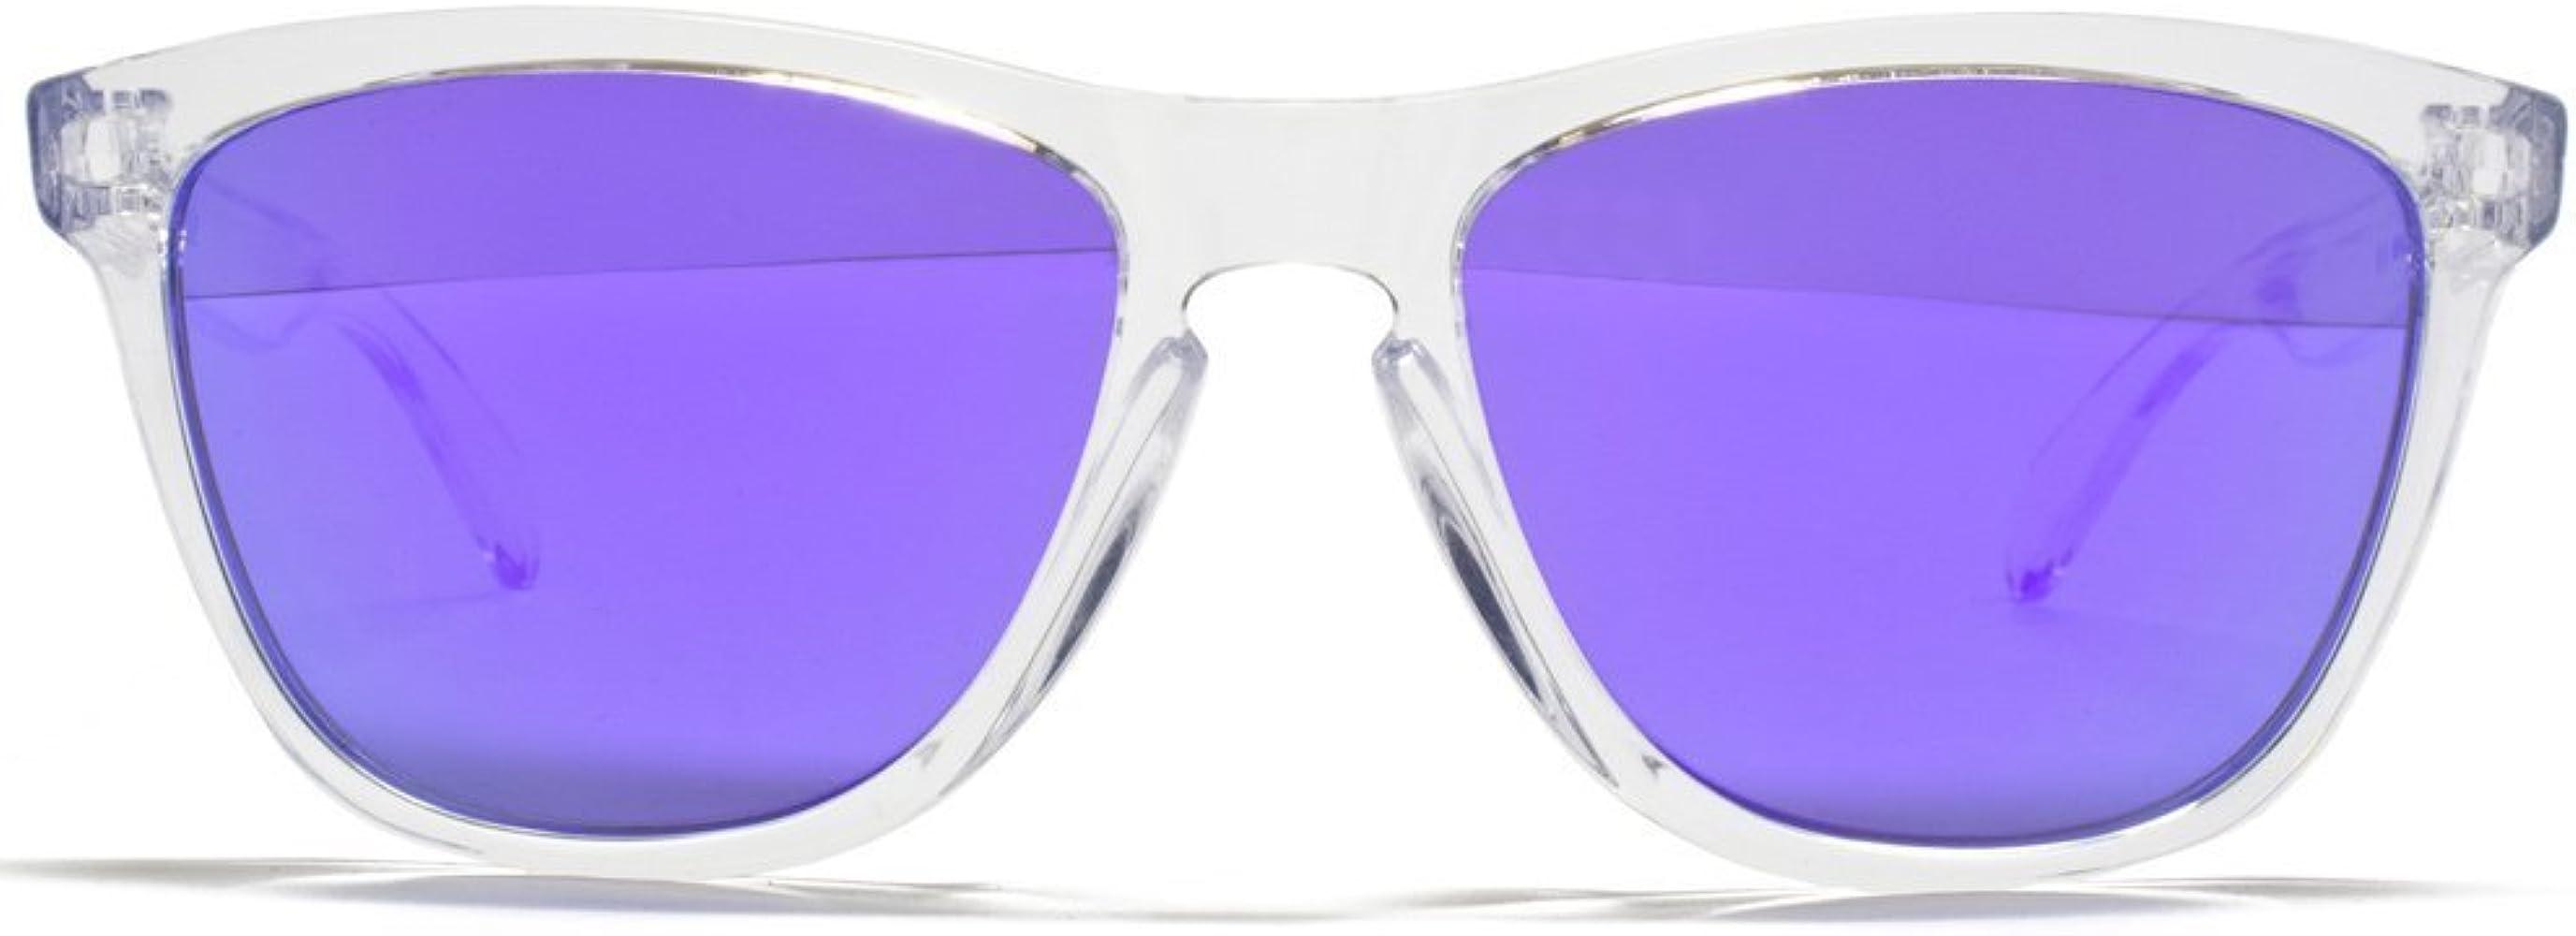 Oakley Frogskins Pulido Gafas De Sol Wayfarer Clara Con Lente ...